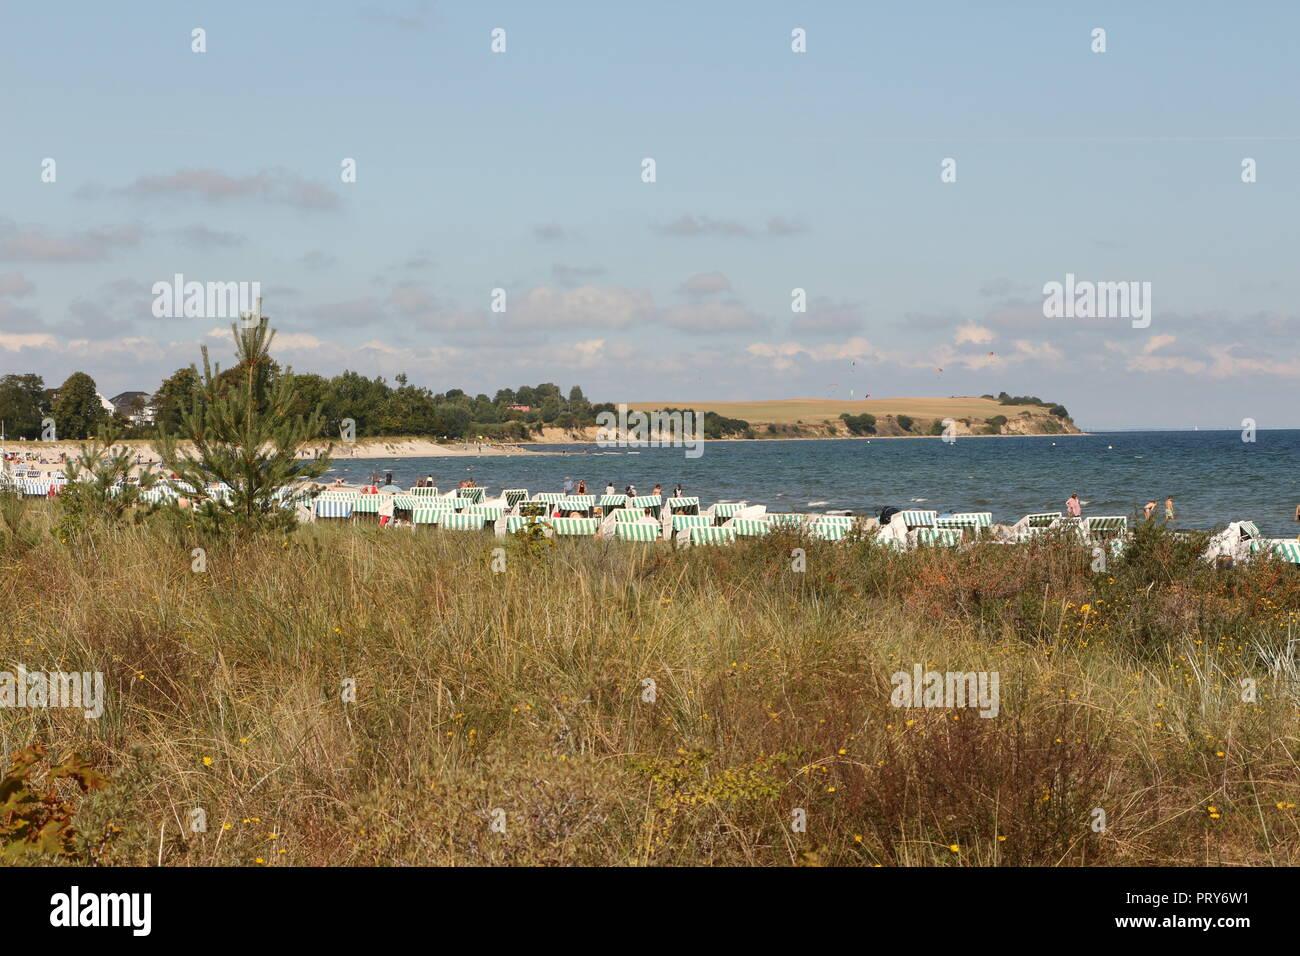 Urlaub in Boltenhagen an der deutschen Ostseeküste - Stock Image